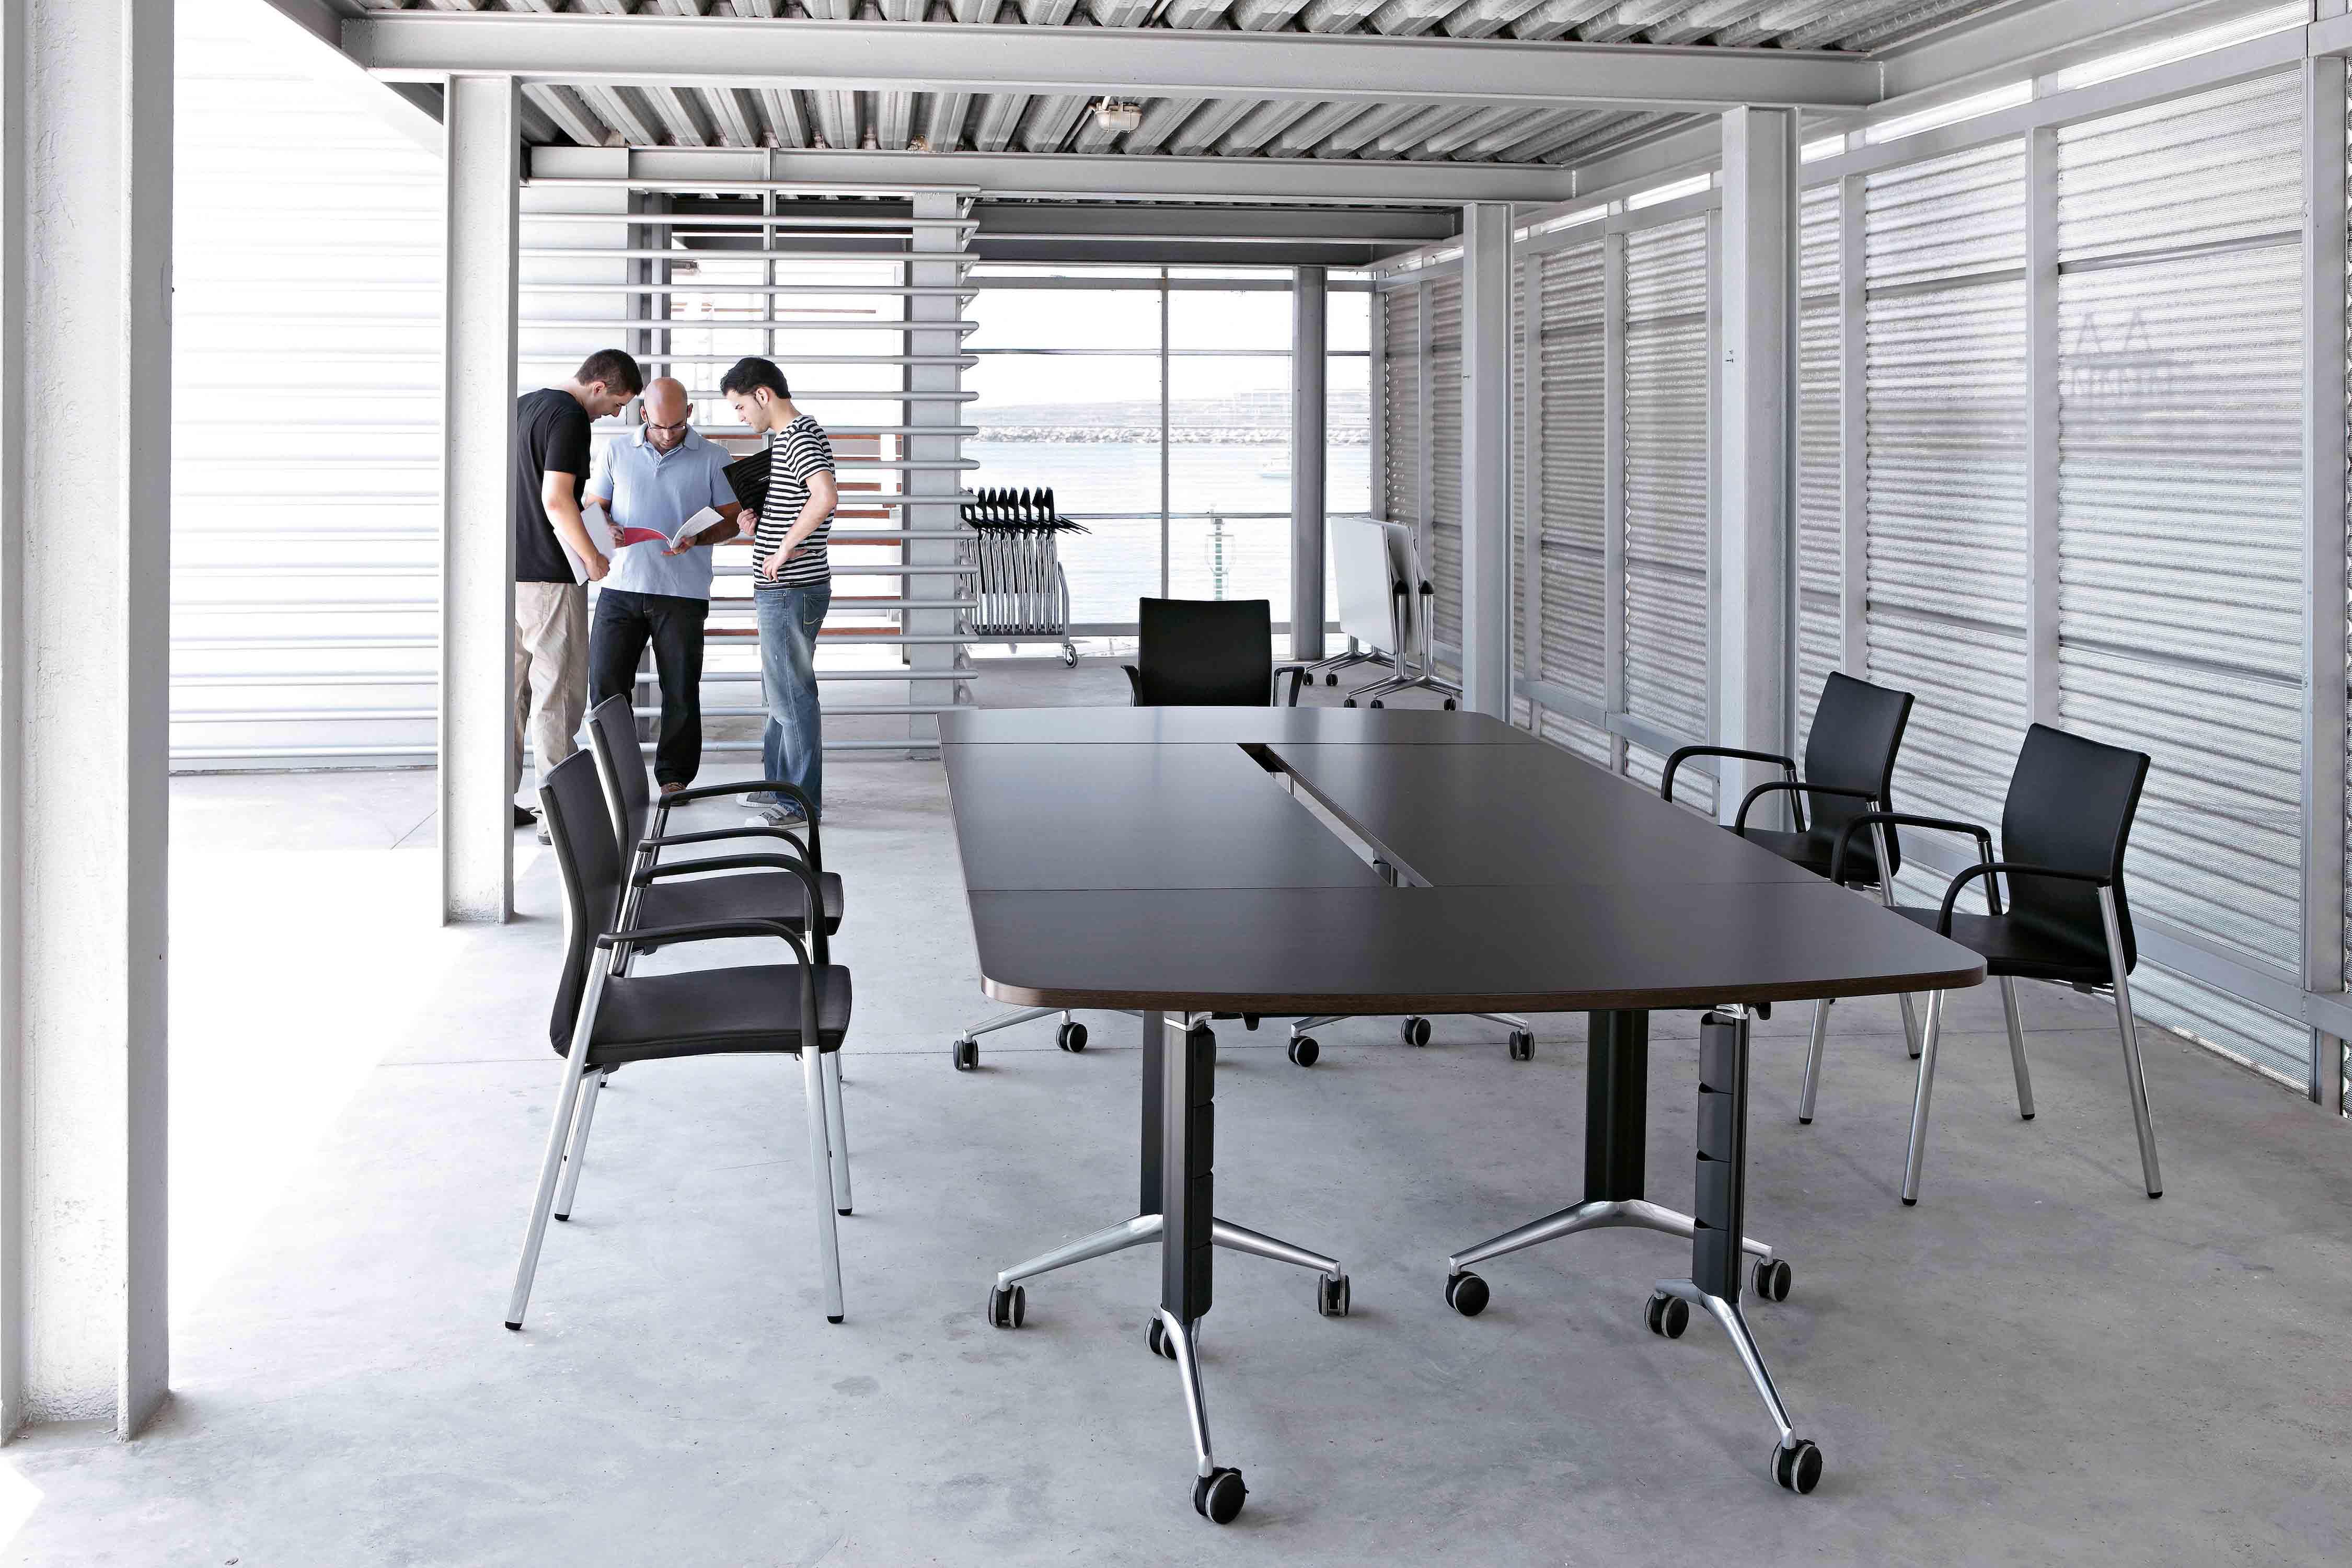 De Oficina Spacio Mesas Muebles Estudio TramaAbatibles 6gf7byvmIY